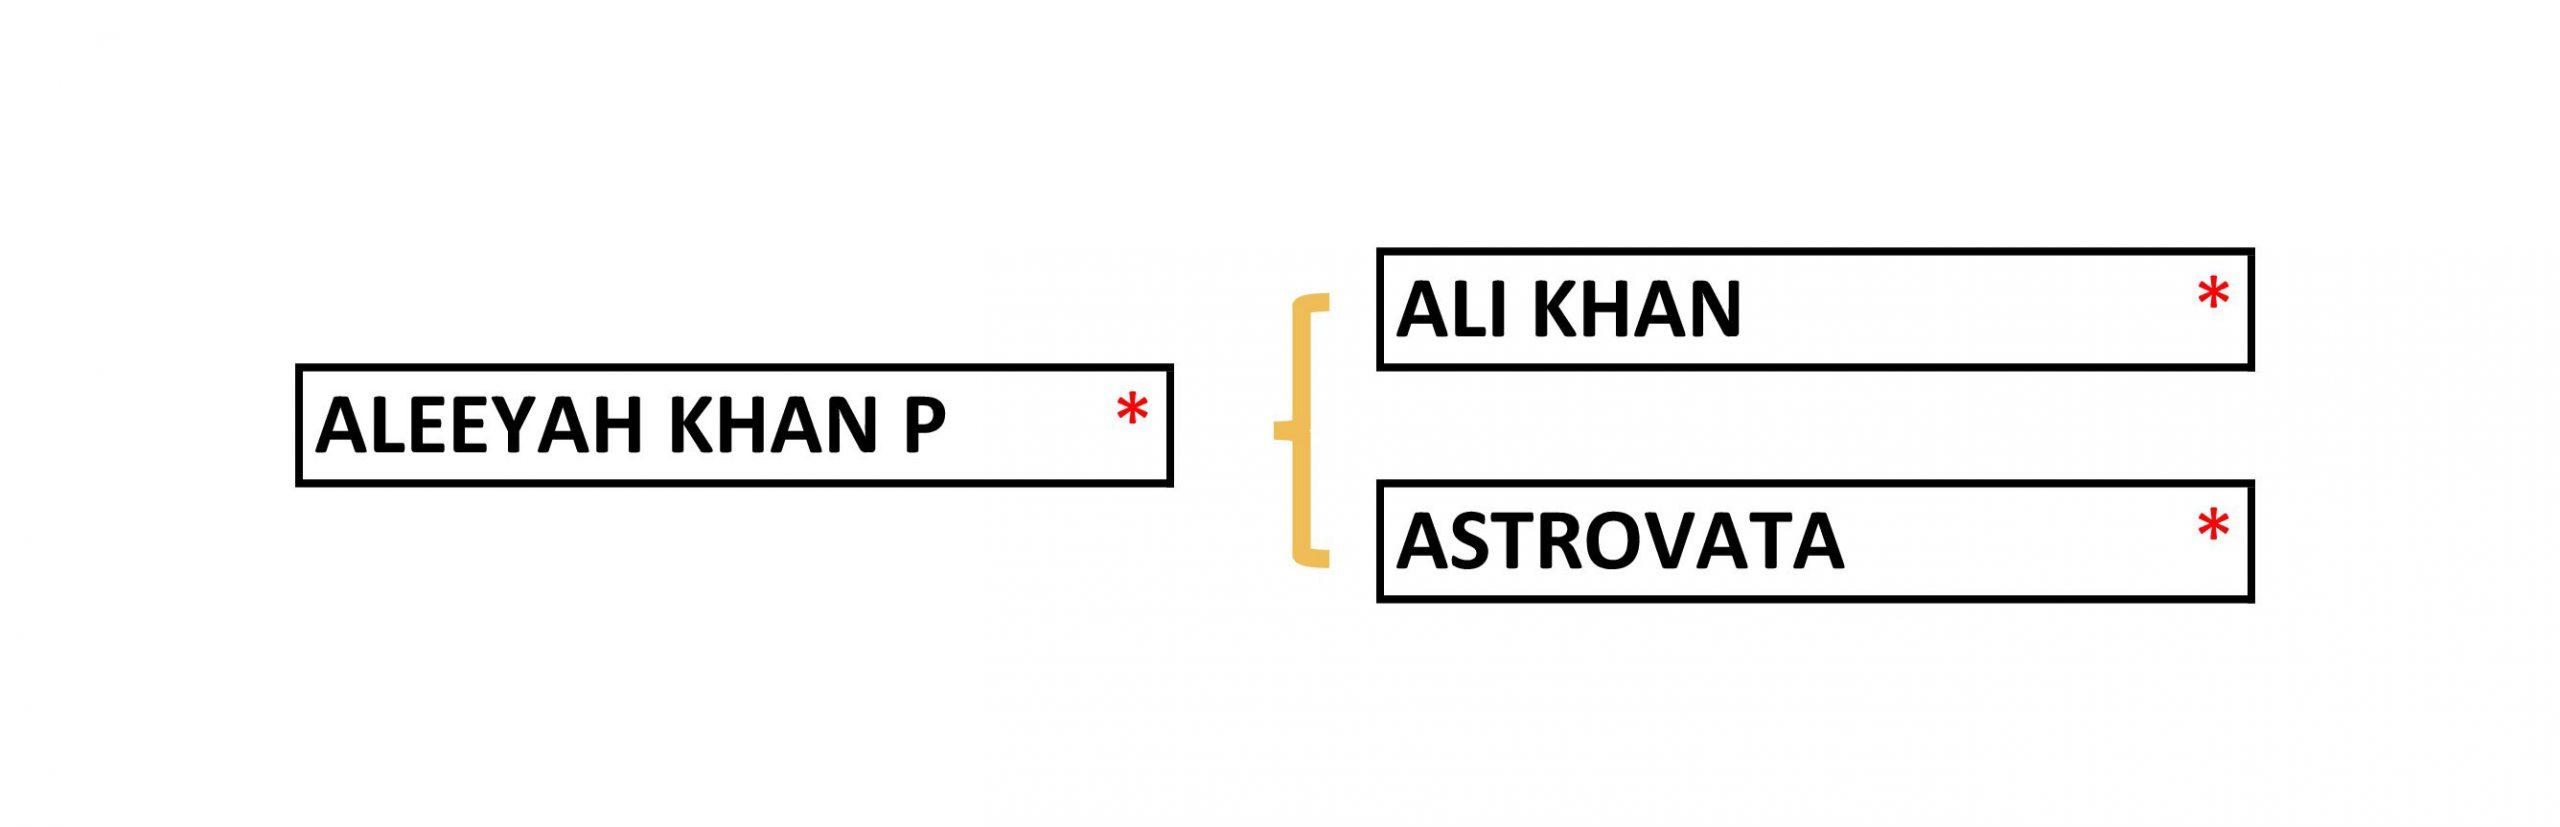 01_Aleeyah_Khan_P